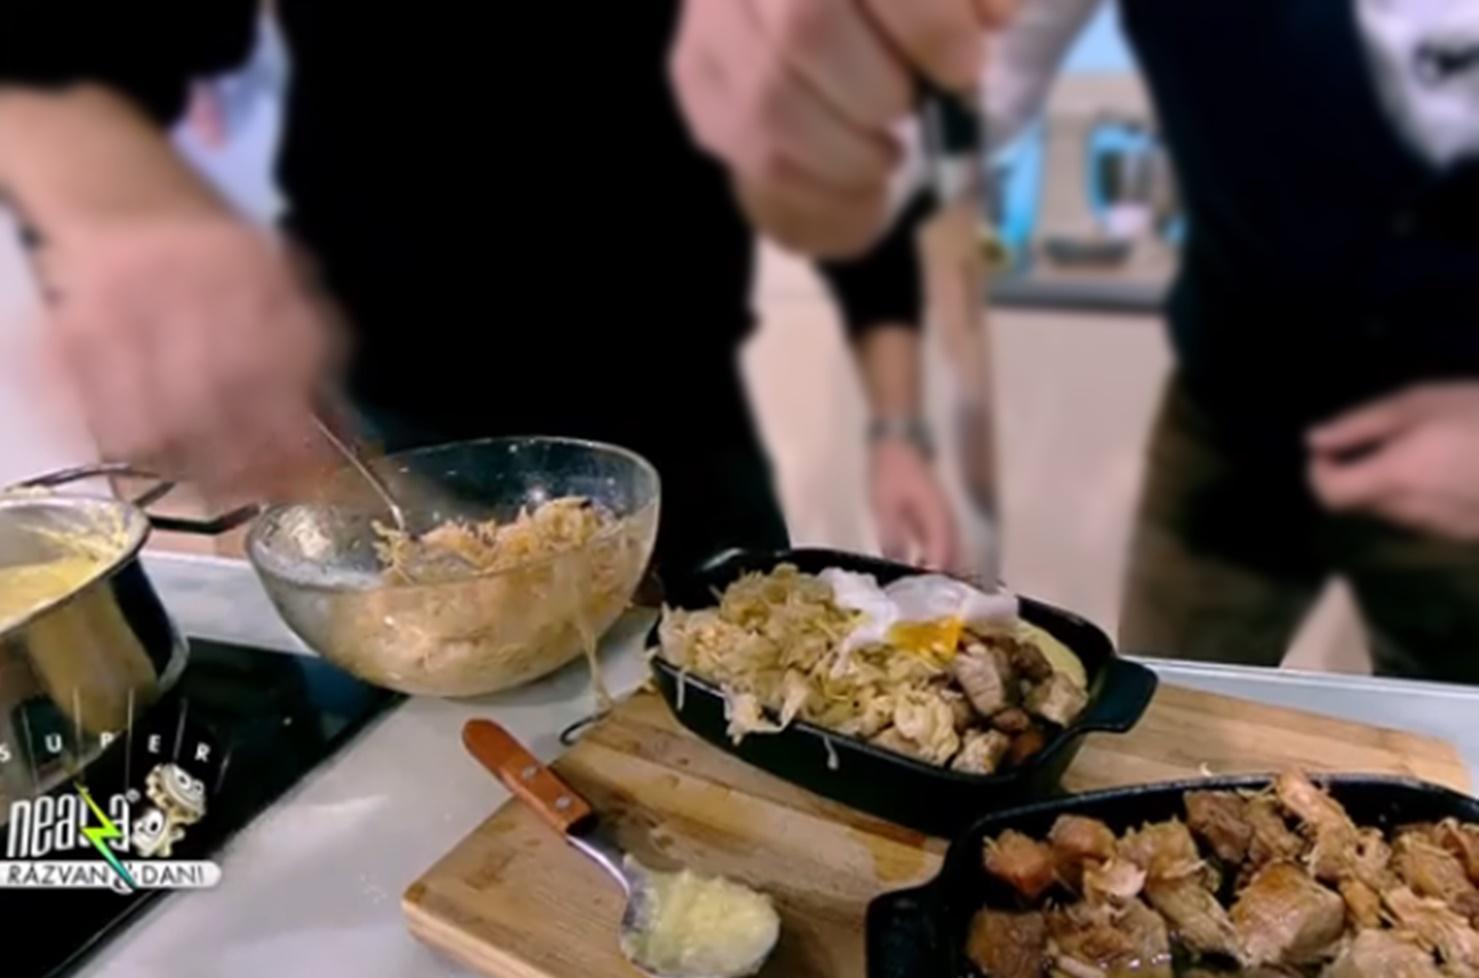 Rețetă de mămăligă cu cartofi și carne de la garniță,  preparată de Chef Nicolai Tand la Super Neatza